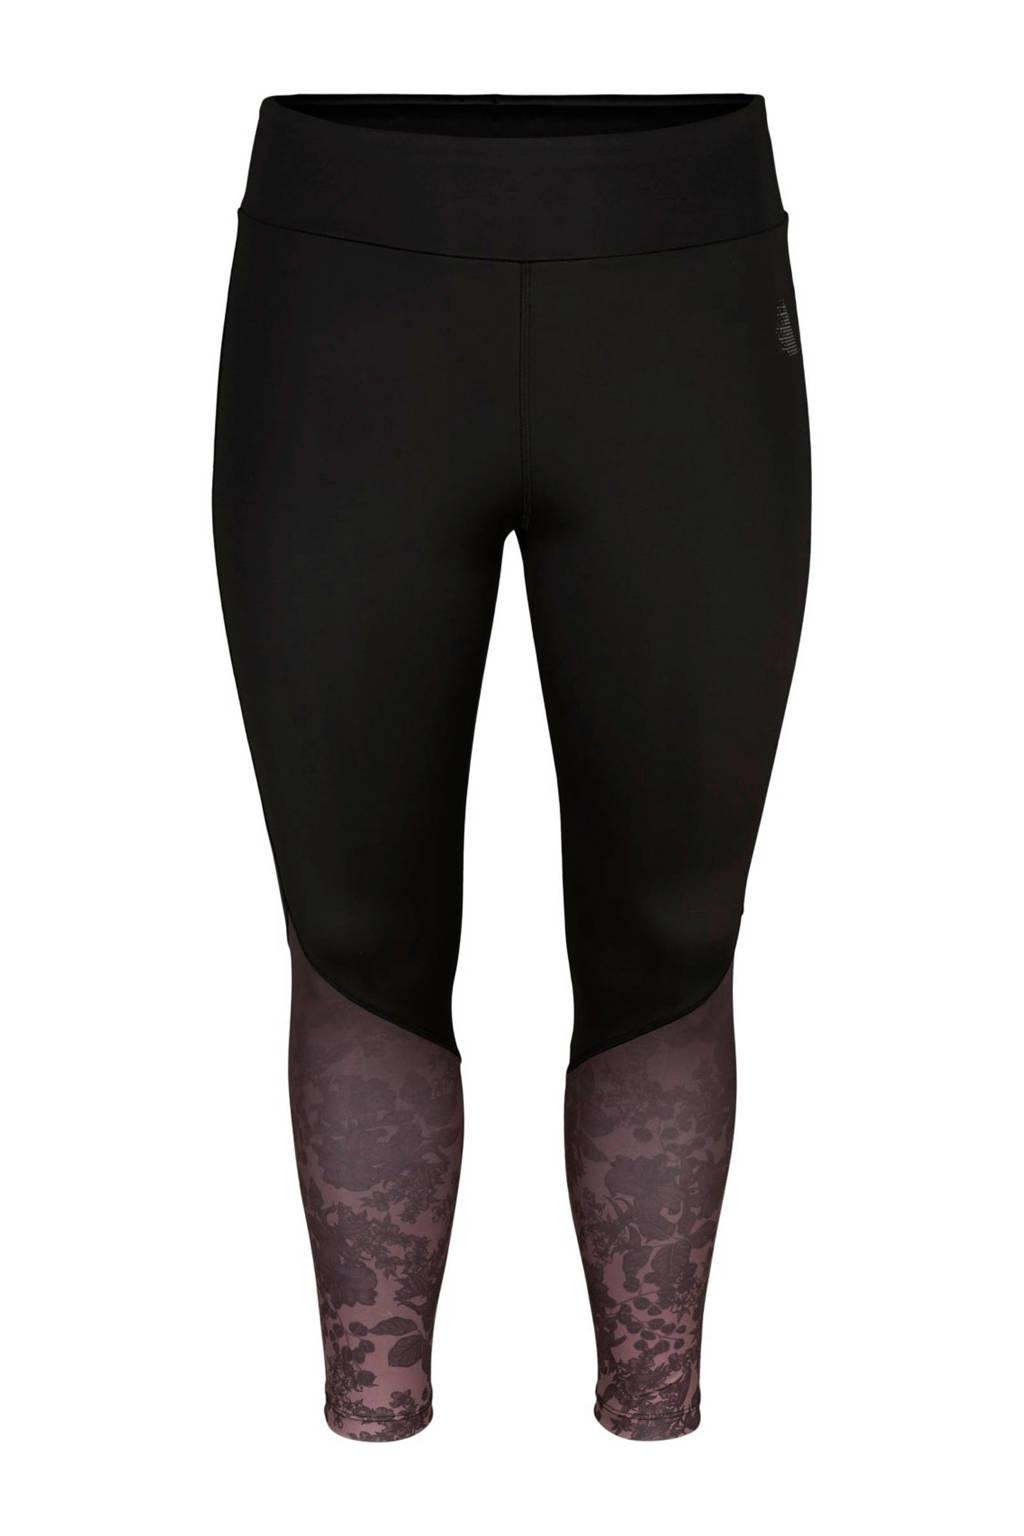 ACTIVE By Zizzi Plus Size 7/8 sportbroek zwart, Zwart